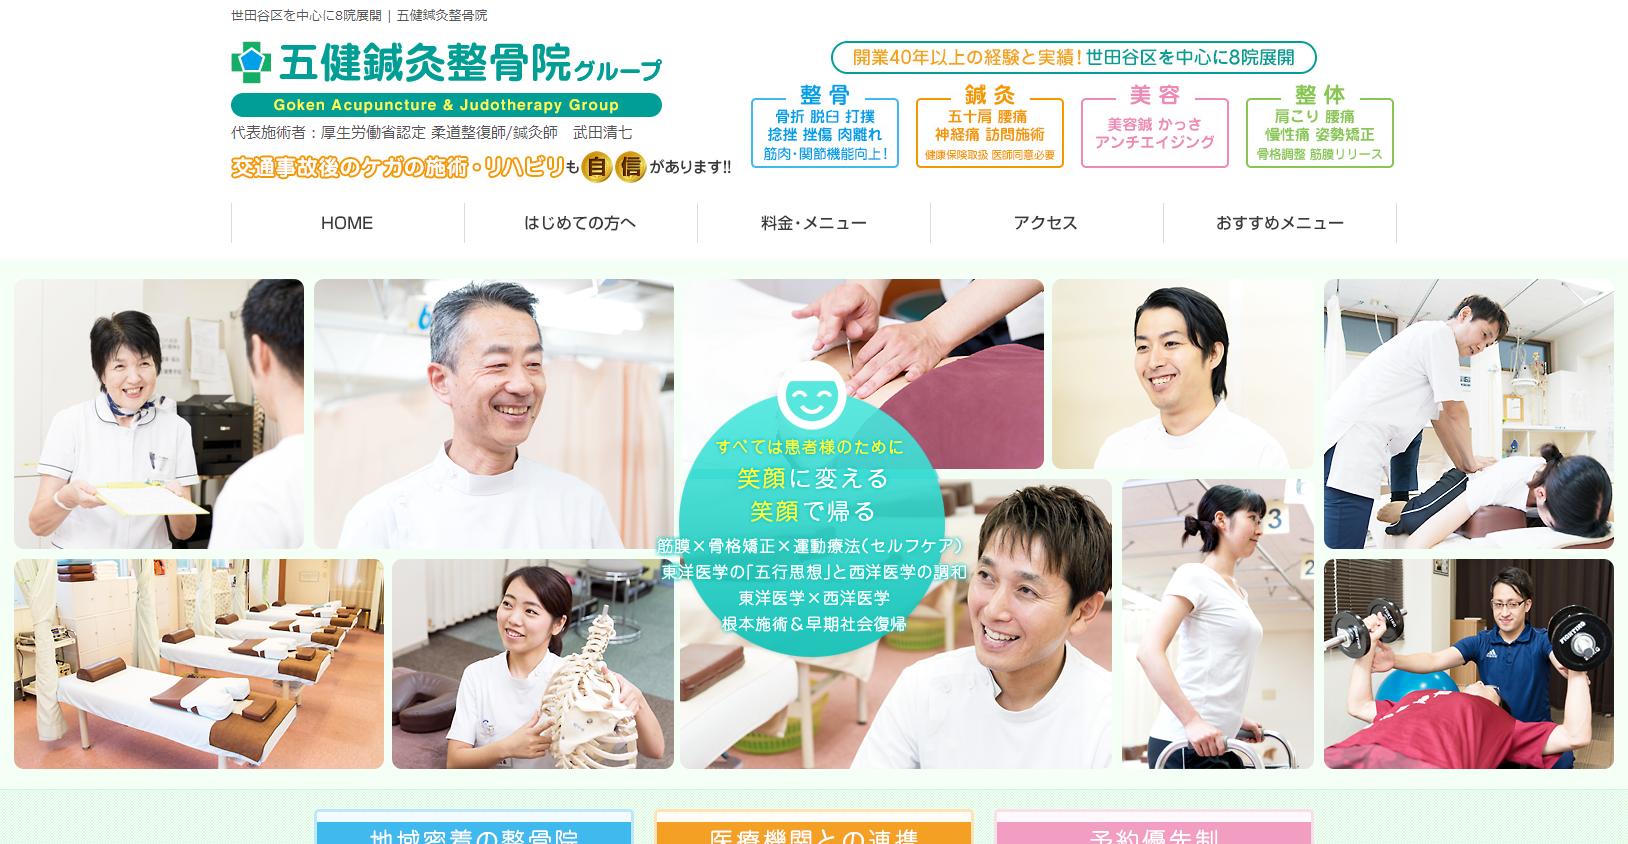 五健鍼灸整骨院 渋谷本院のサムネイル